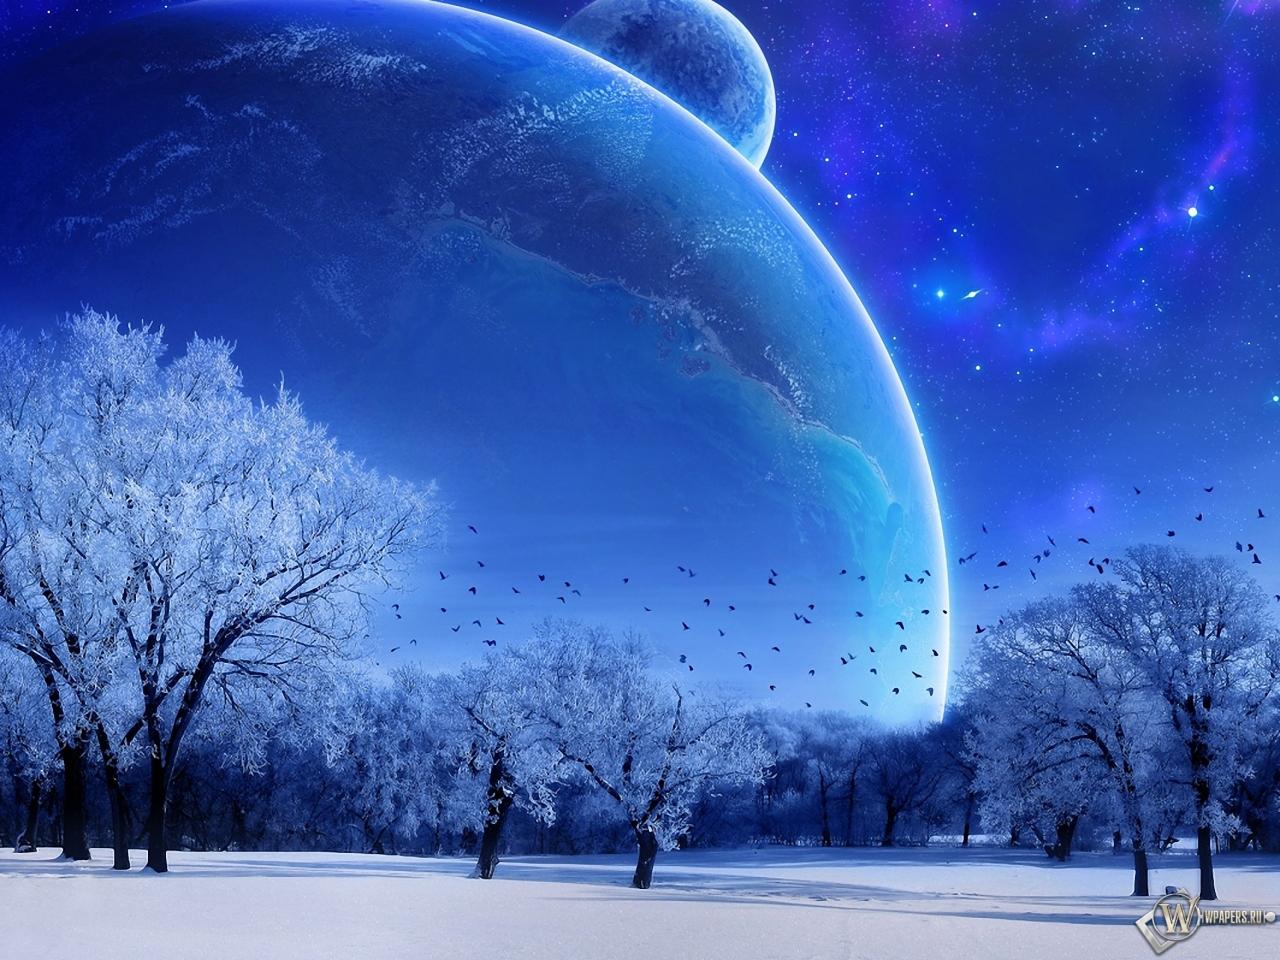 Зимняя фантазия 1280x960